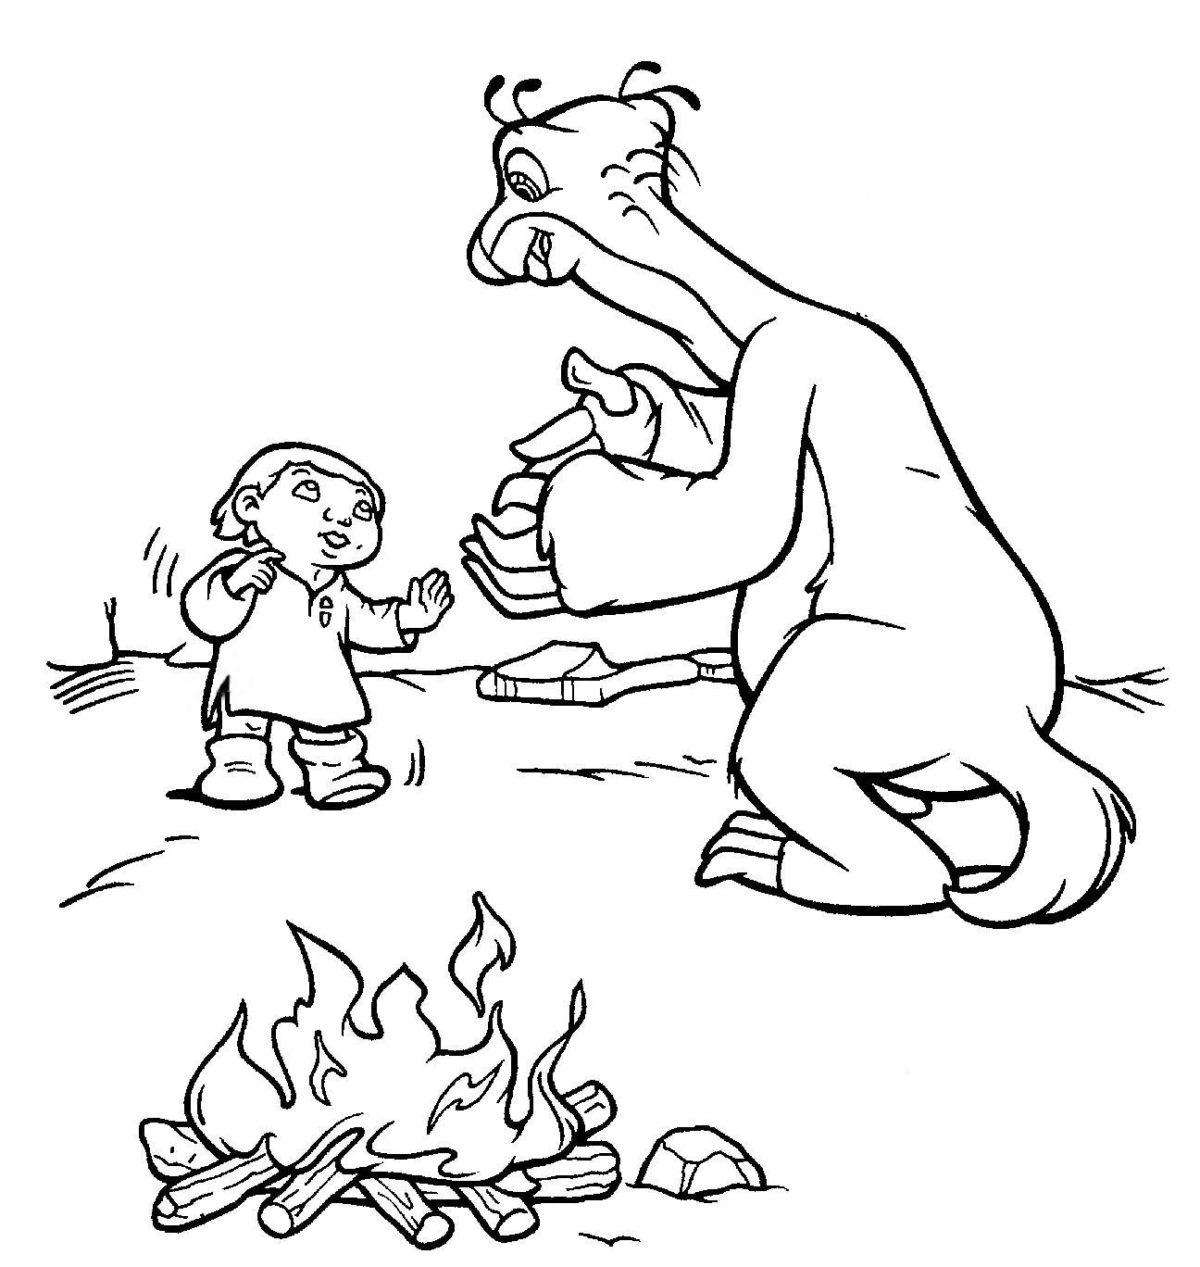 Сид с ребёнком у костра - Картинка для раскрашивания красками-гуашью